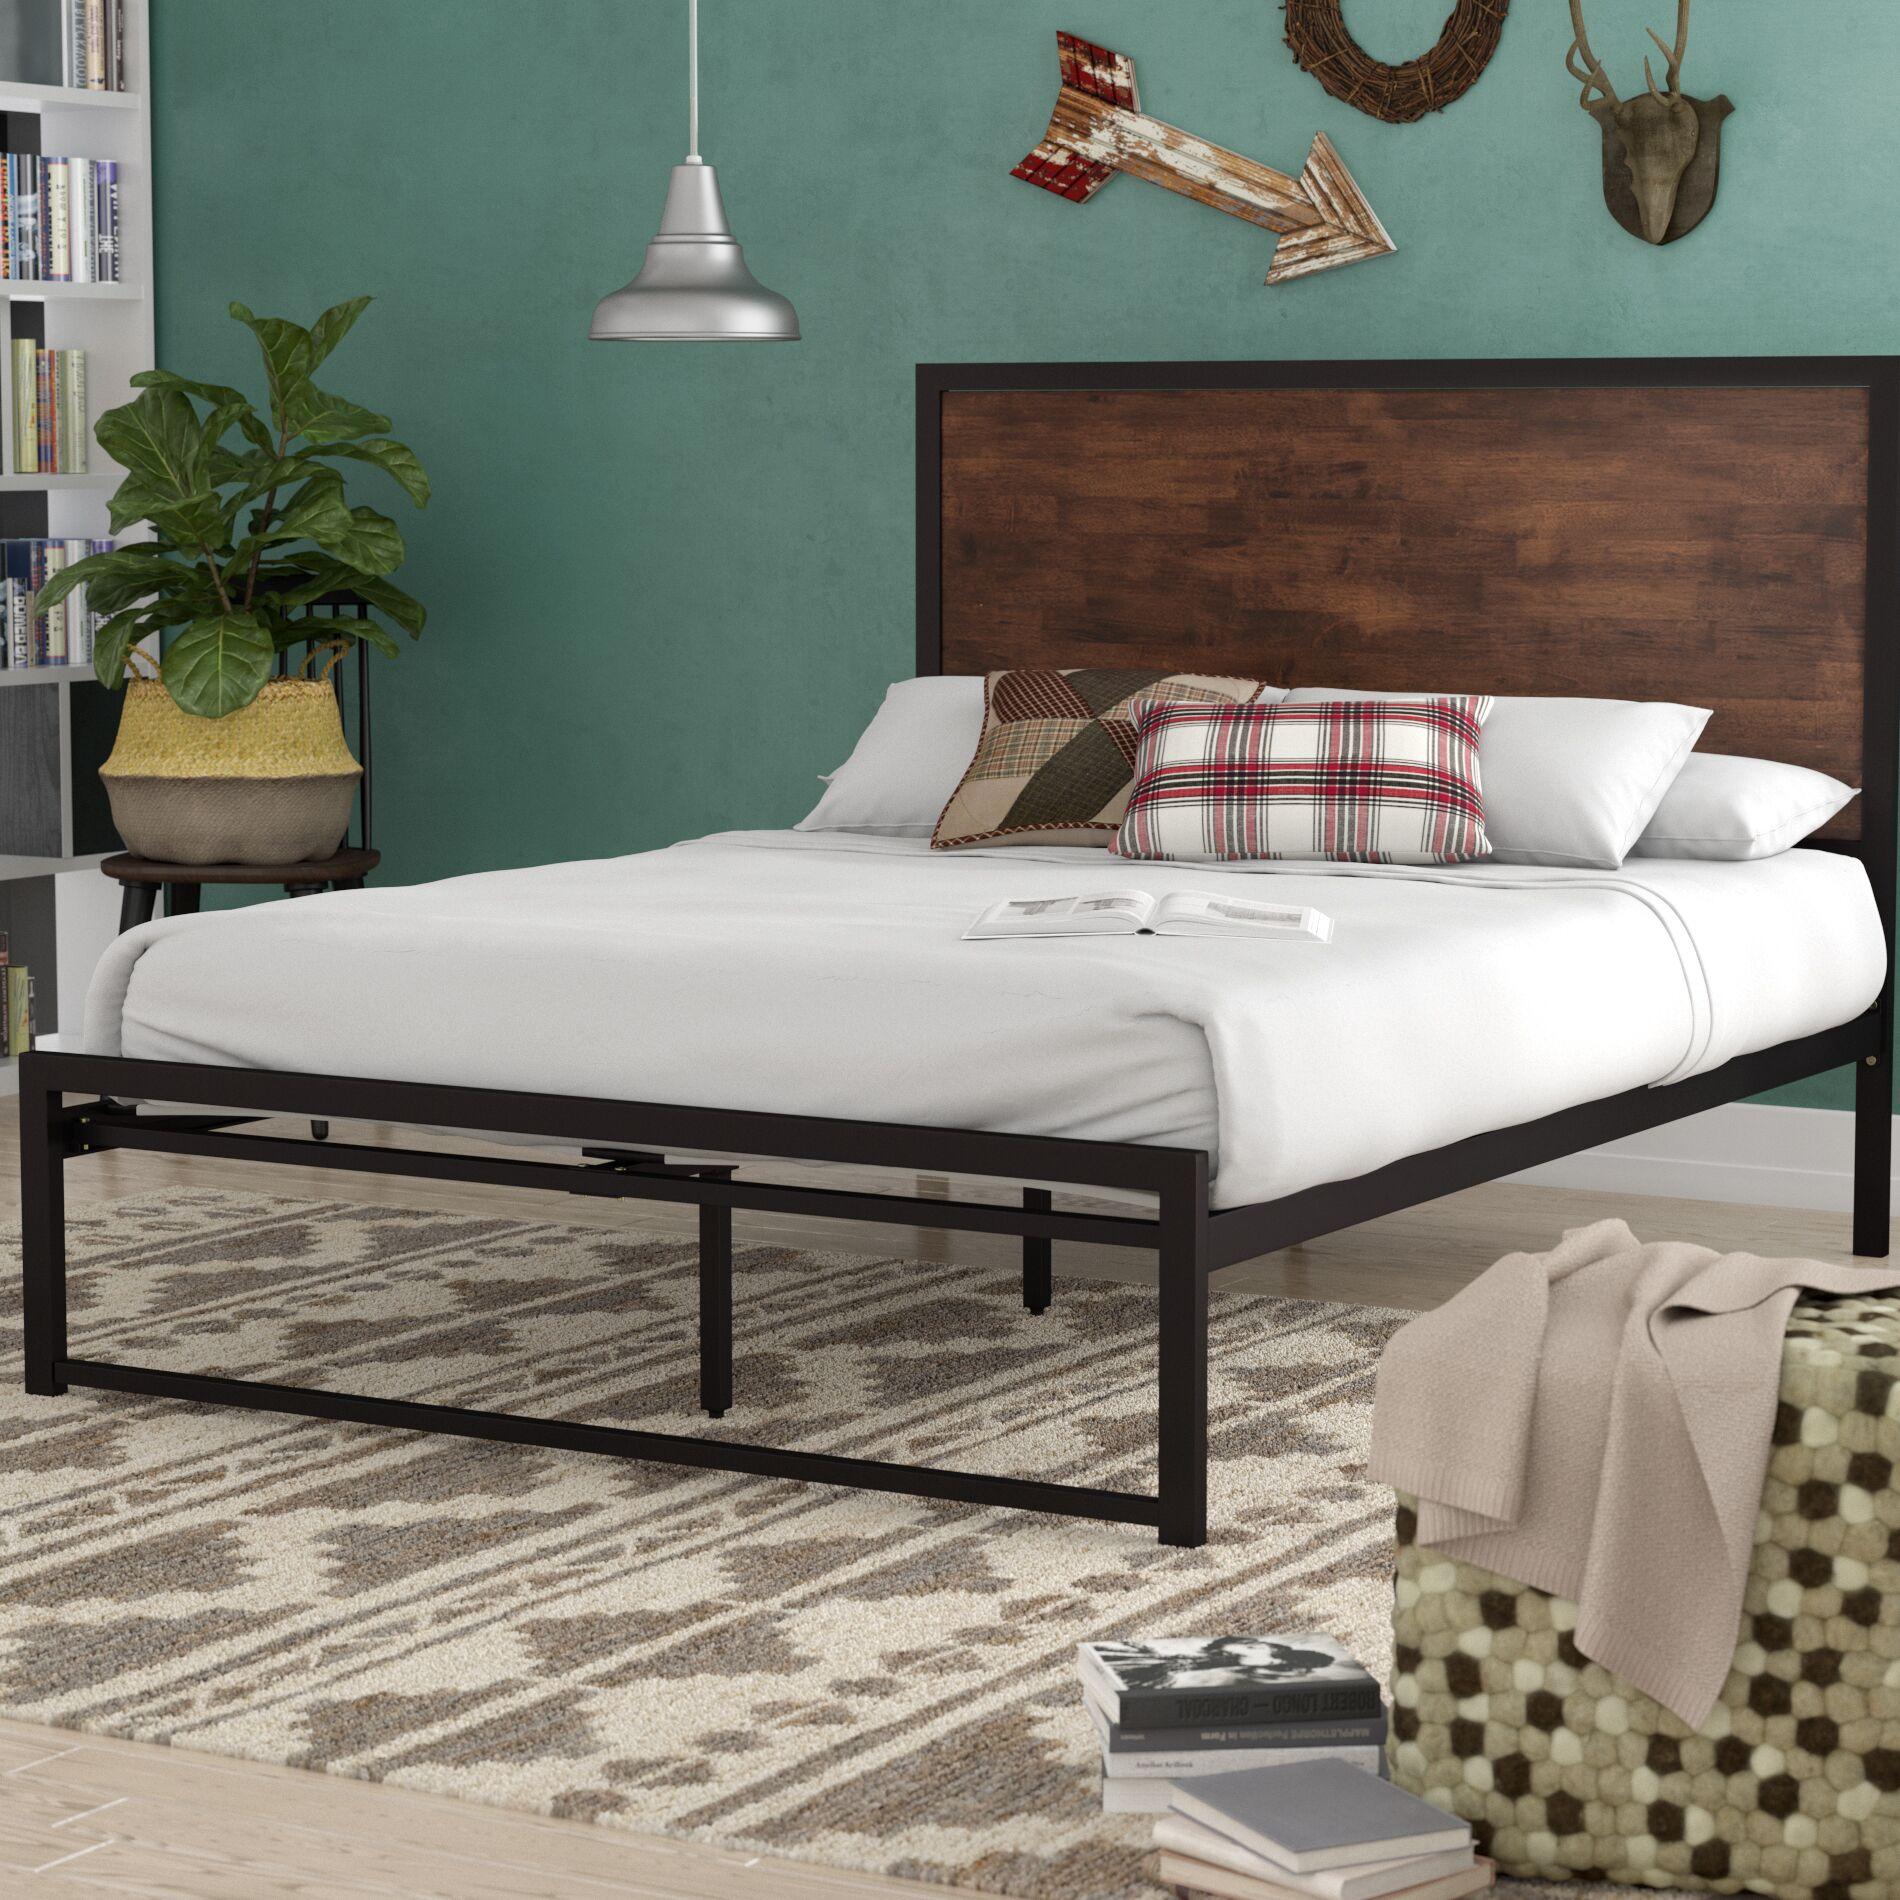 Nadolski Rustic Industrial Platform Bed Size: Full